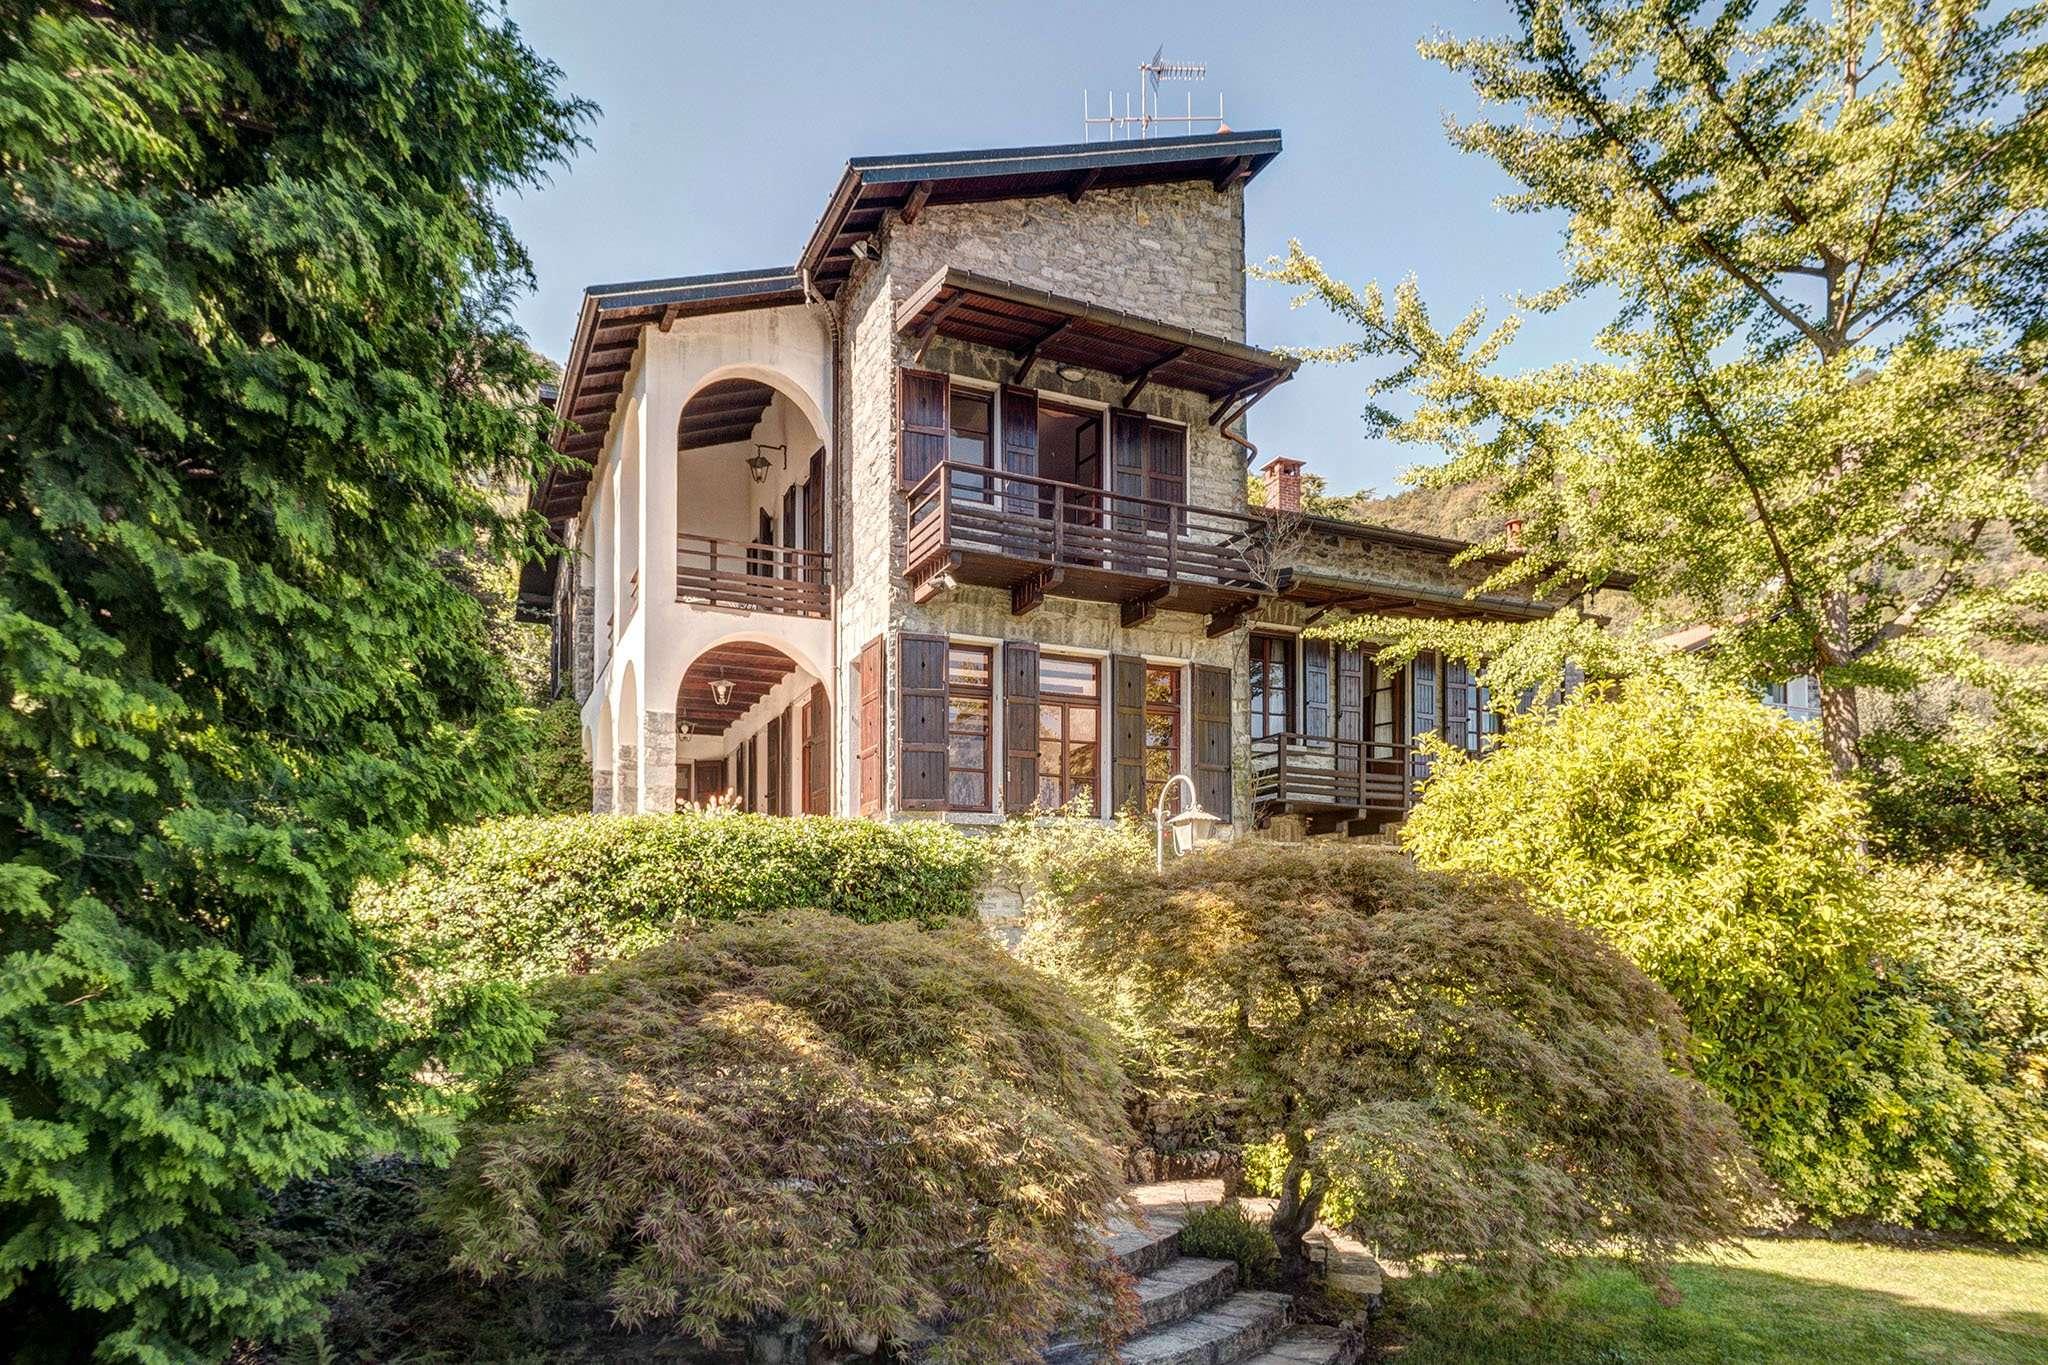 Villa in vendita a Bellagio, 9999 locali, prezzo € 5.000.000 | PortaleAgenzieImmobiliari.it